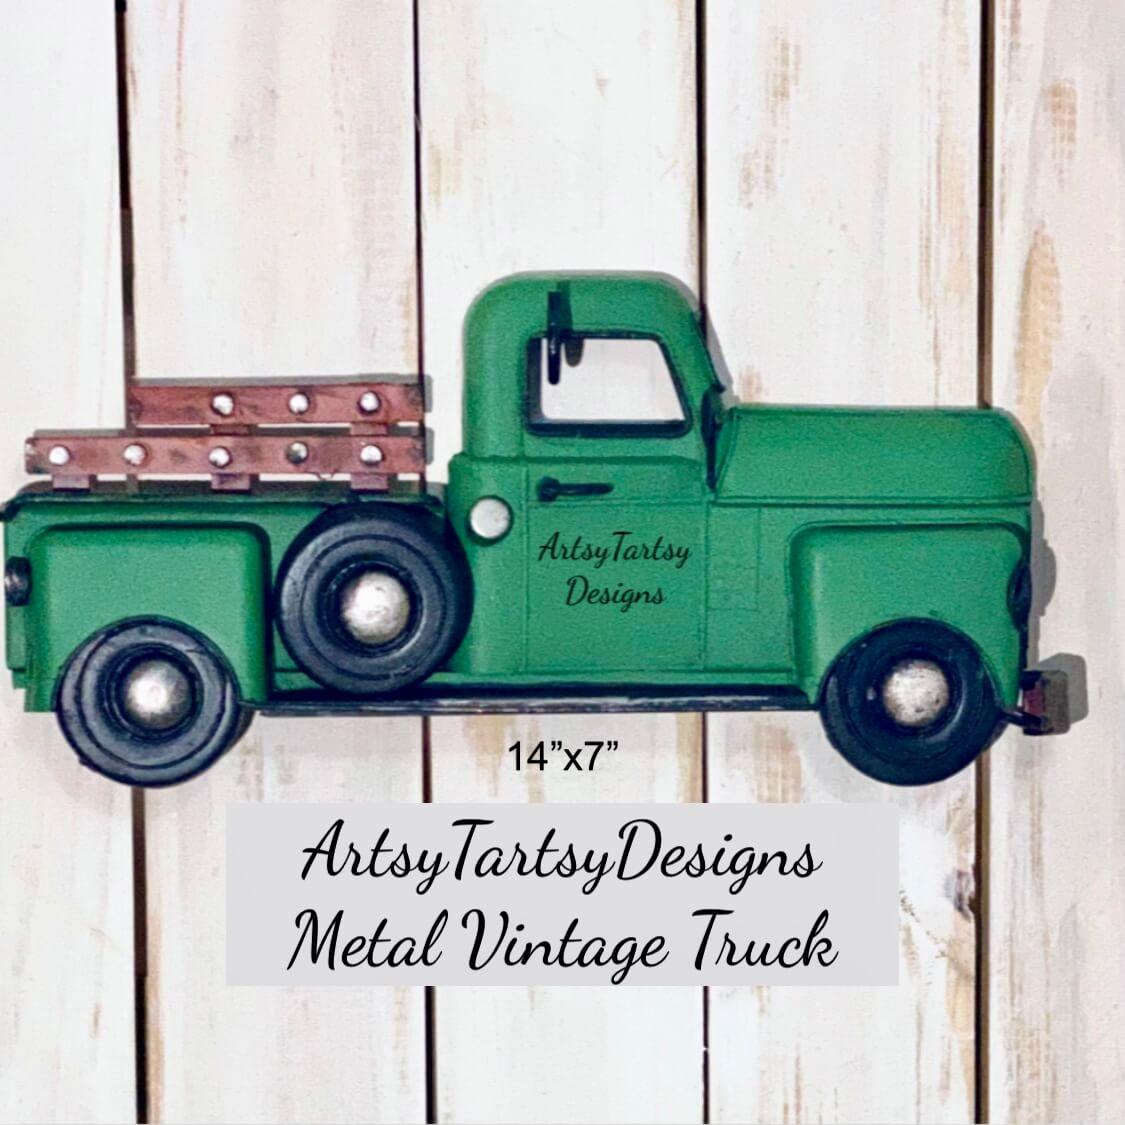 Artsy Tartsy Designs